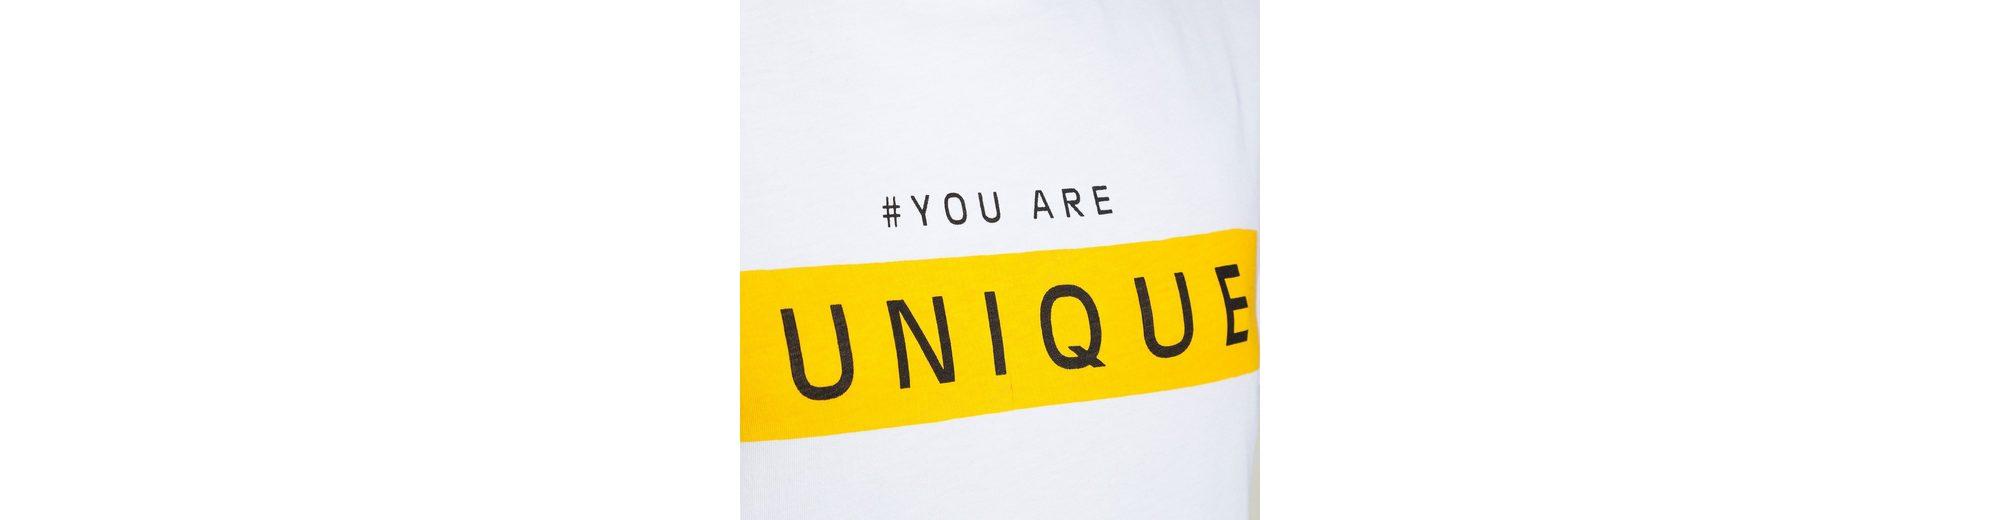 ONE MORE STORY Klassisches Shirt - YOU ARE UNIQUE Niedrige Versandgebühr Online Bestseller Günstiger Preis Hochwertige Billig 6djLccoi